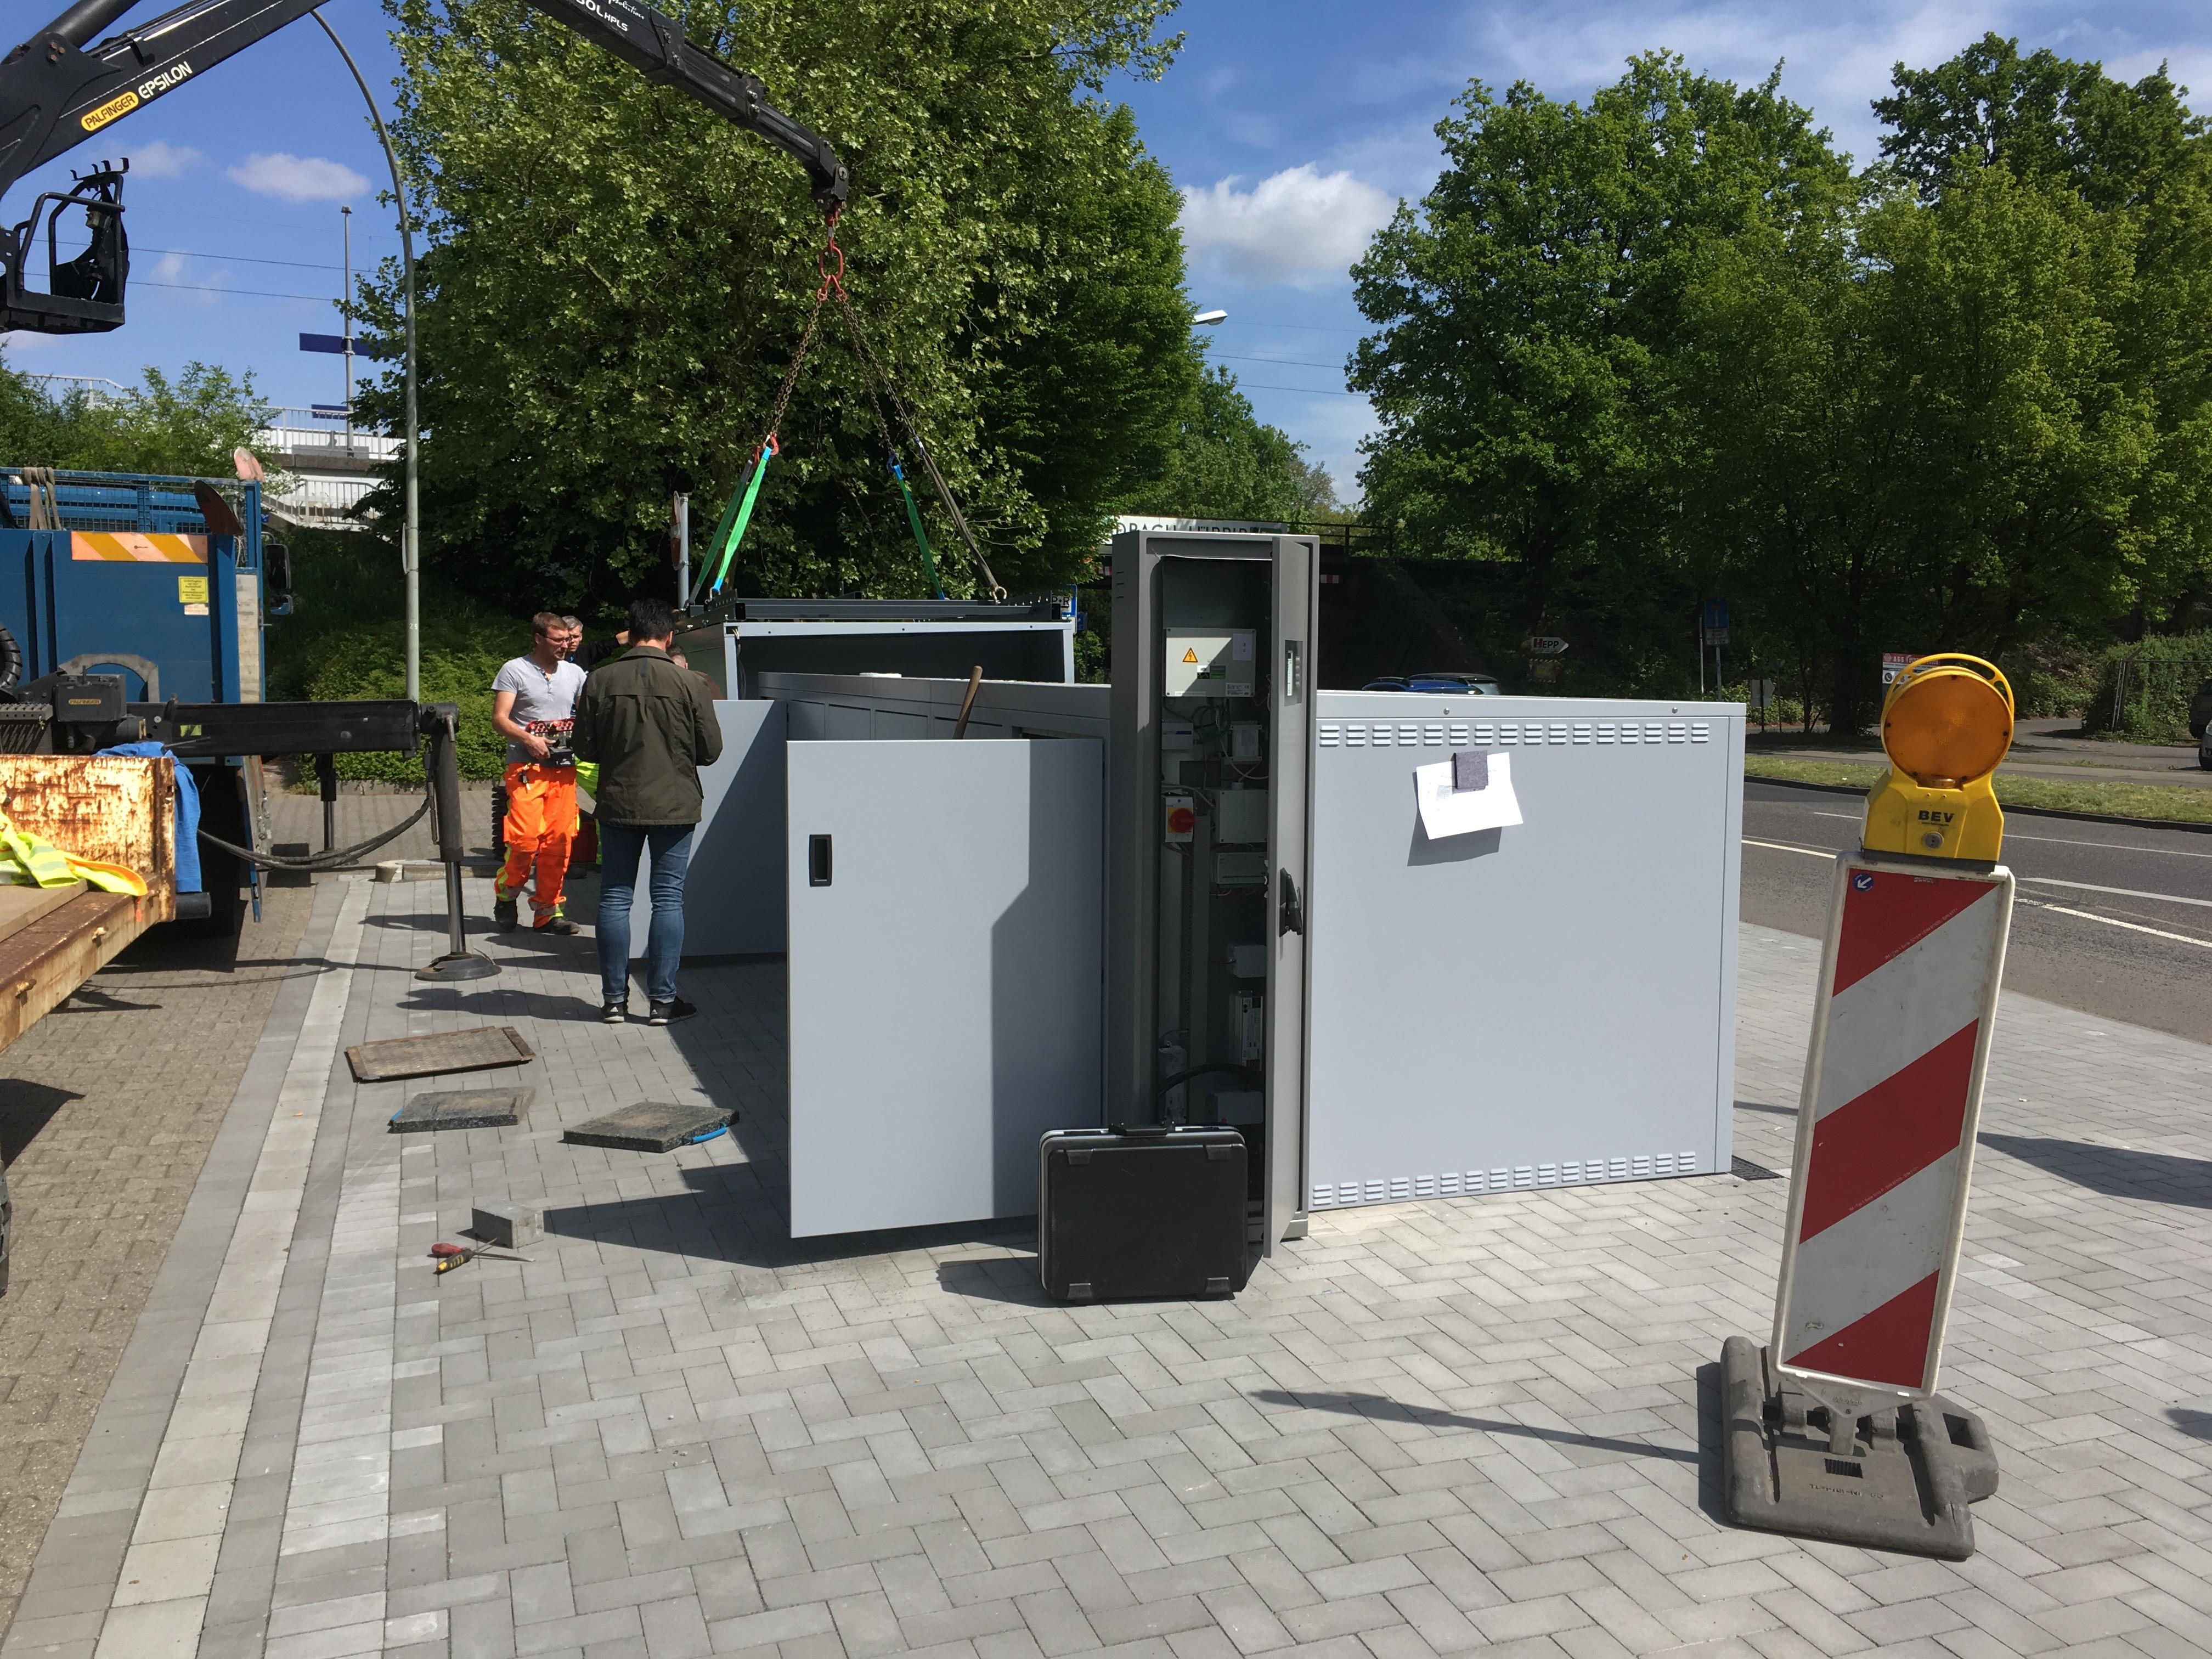 Mönchengladbach: DeinRadschloss-Boxen am Standort Lürrip – dein ...